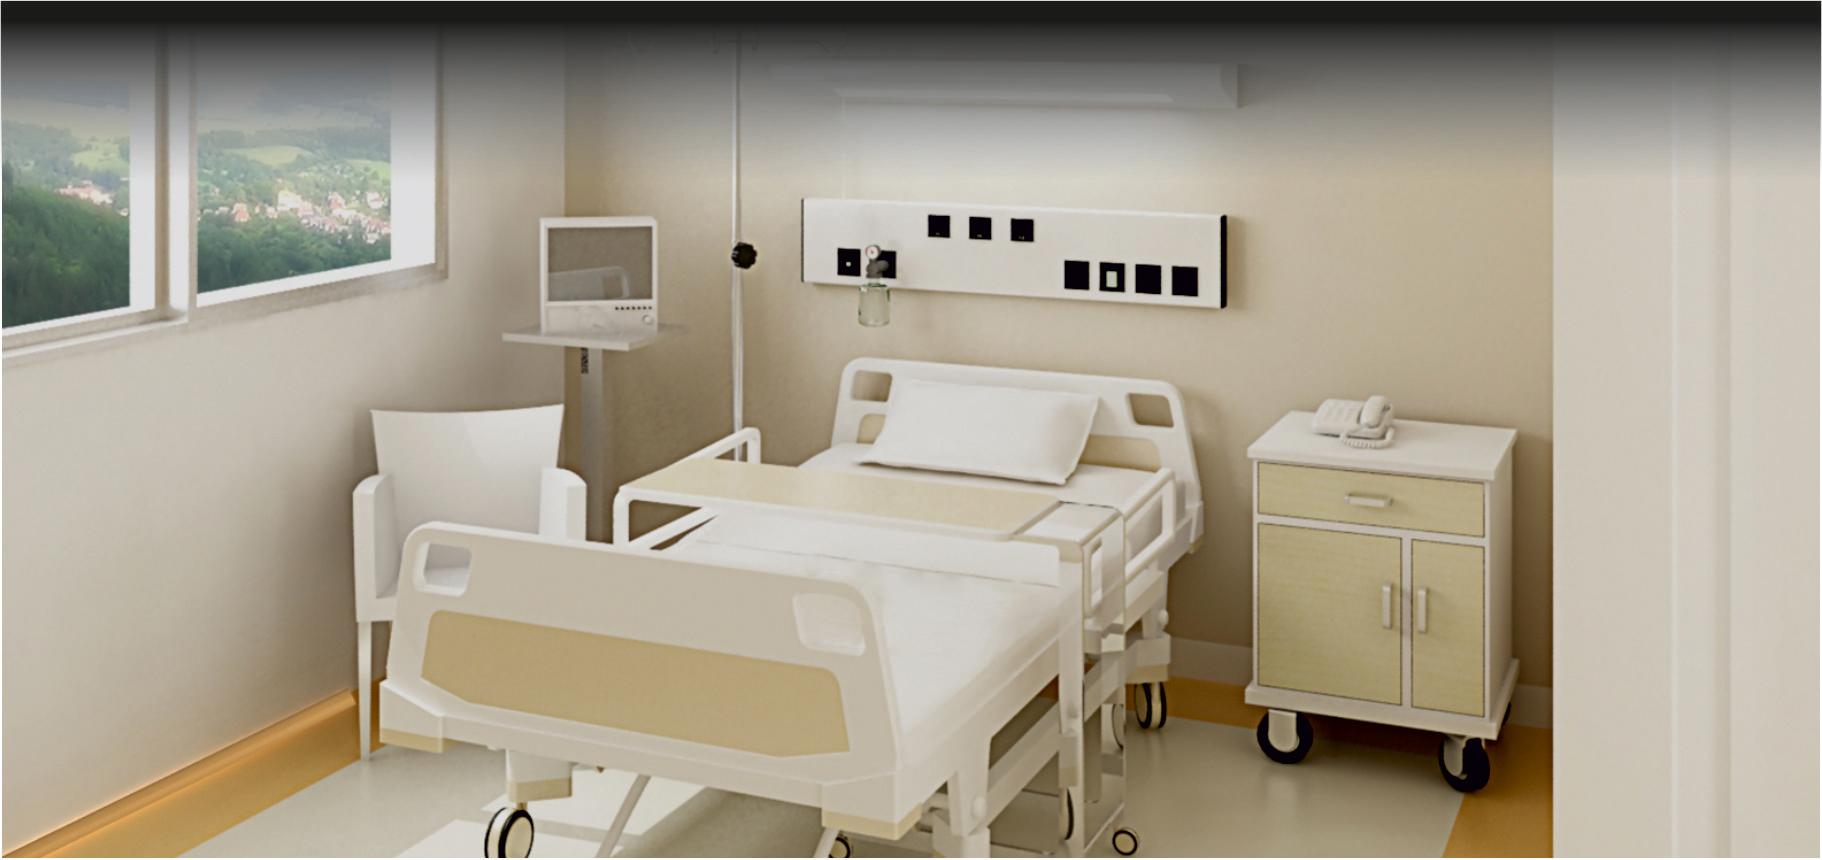 All Hospıtal Room Needs